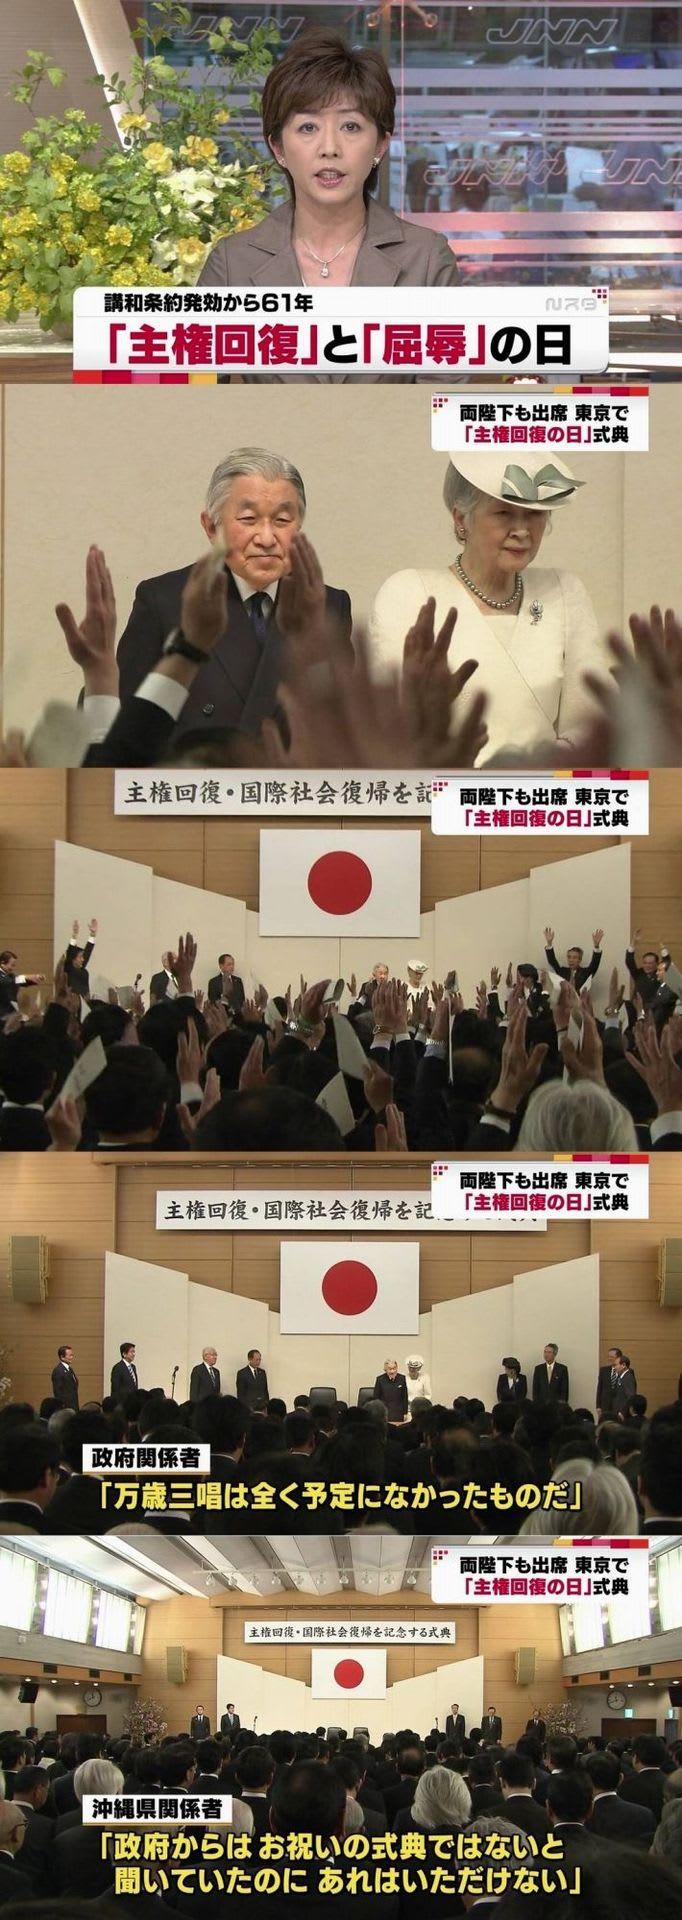 http://blogimg.goo.ne.jp/user_image/65/0b/a52778427b245b962282146a4cfaa3c8.jpg